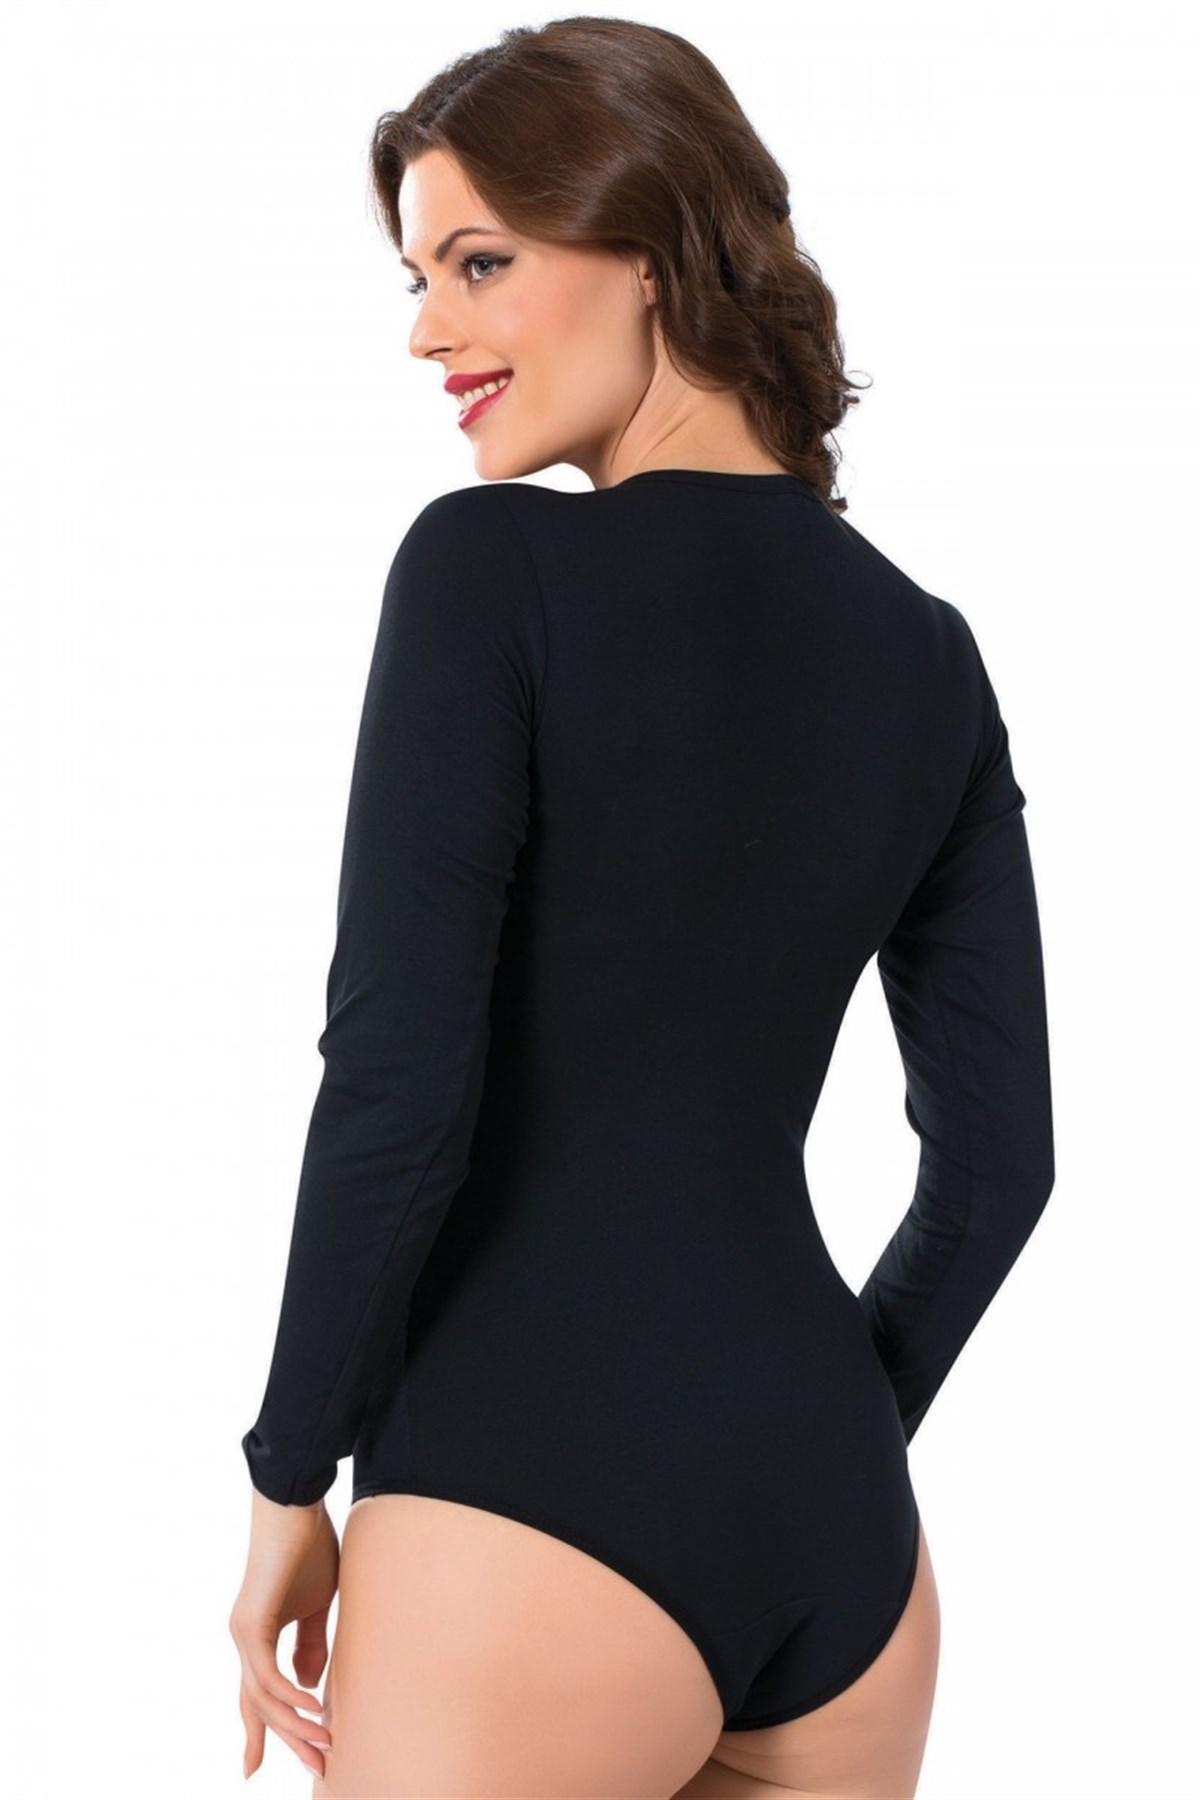 Moda Çizgi Bayan Uzun Kol Çıtçıtlı Body 244